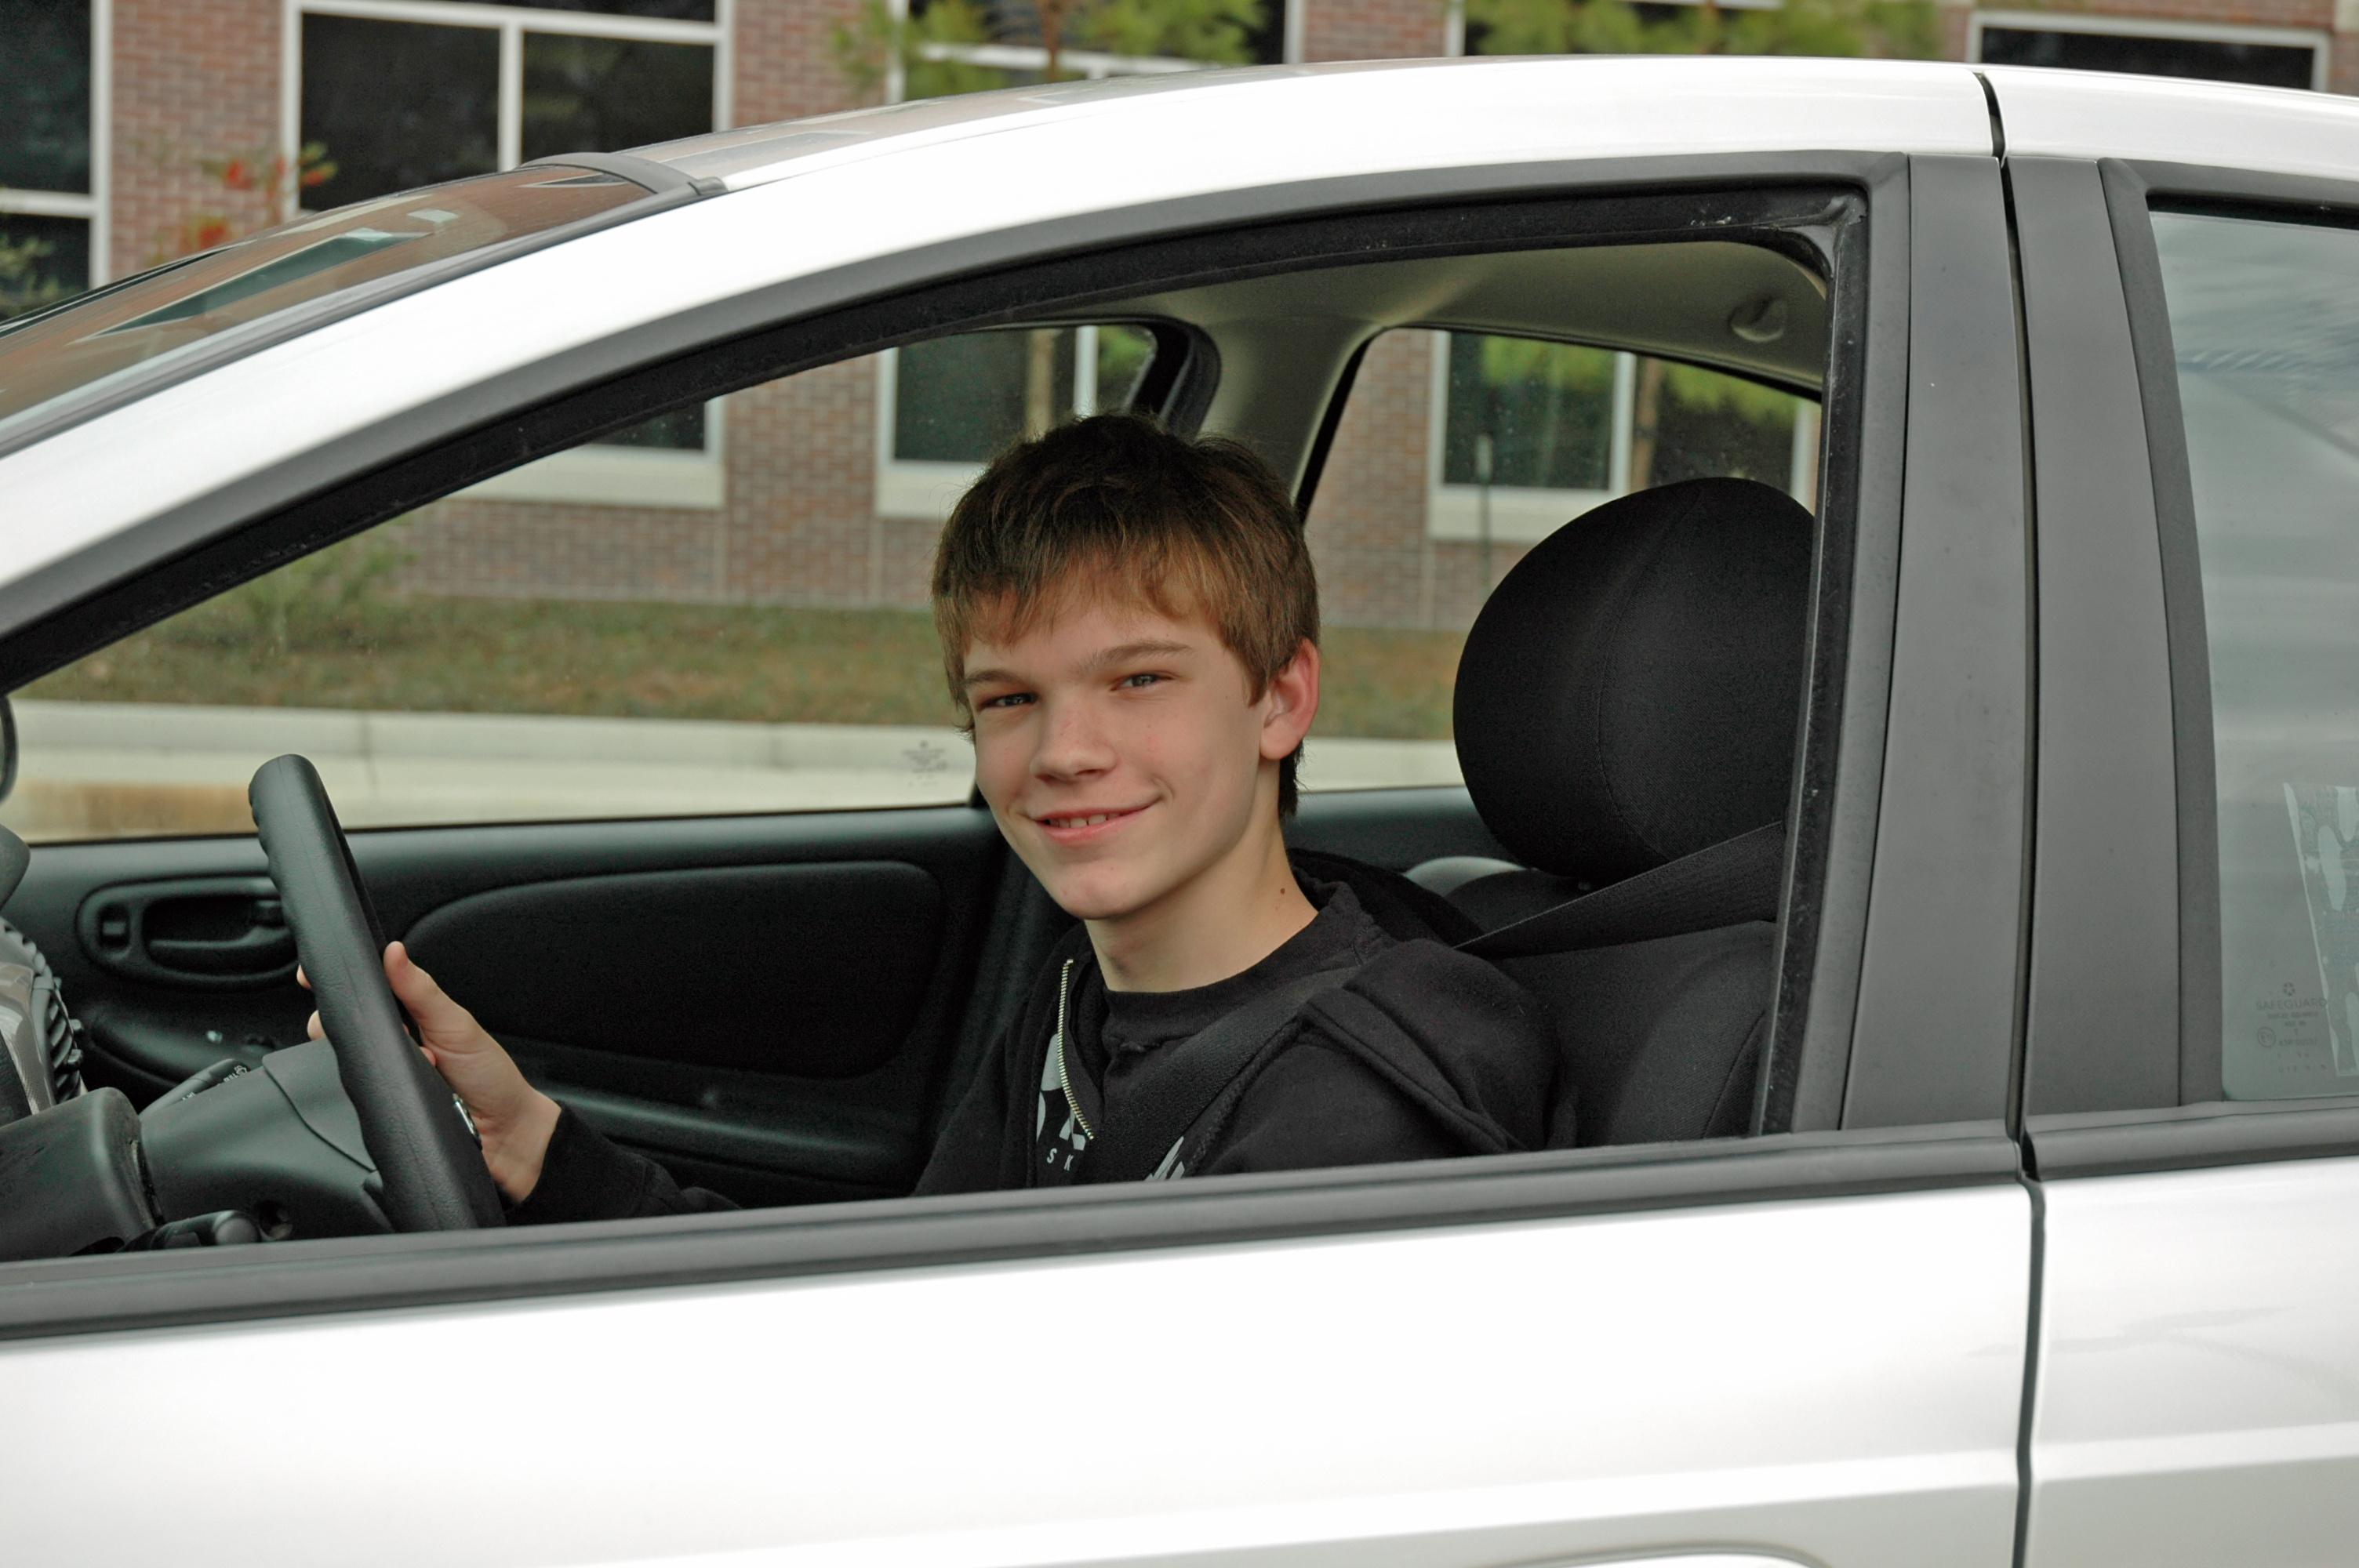 mlody kierowca w wypozyczonym samochodzie